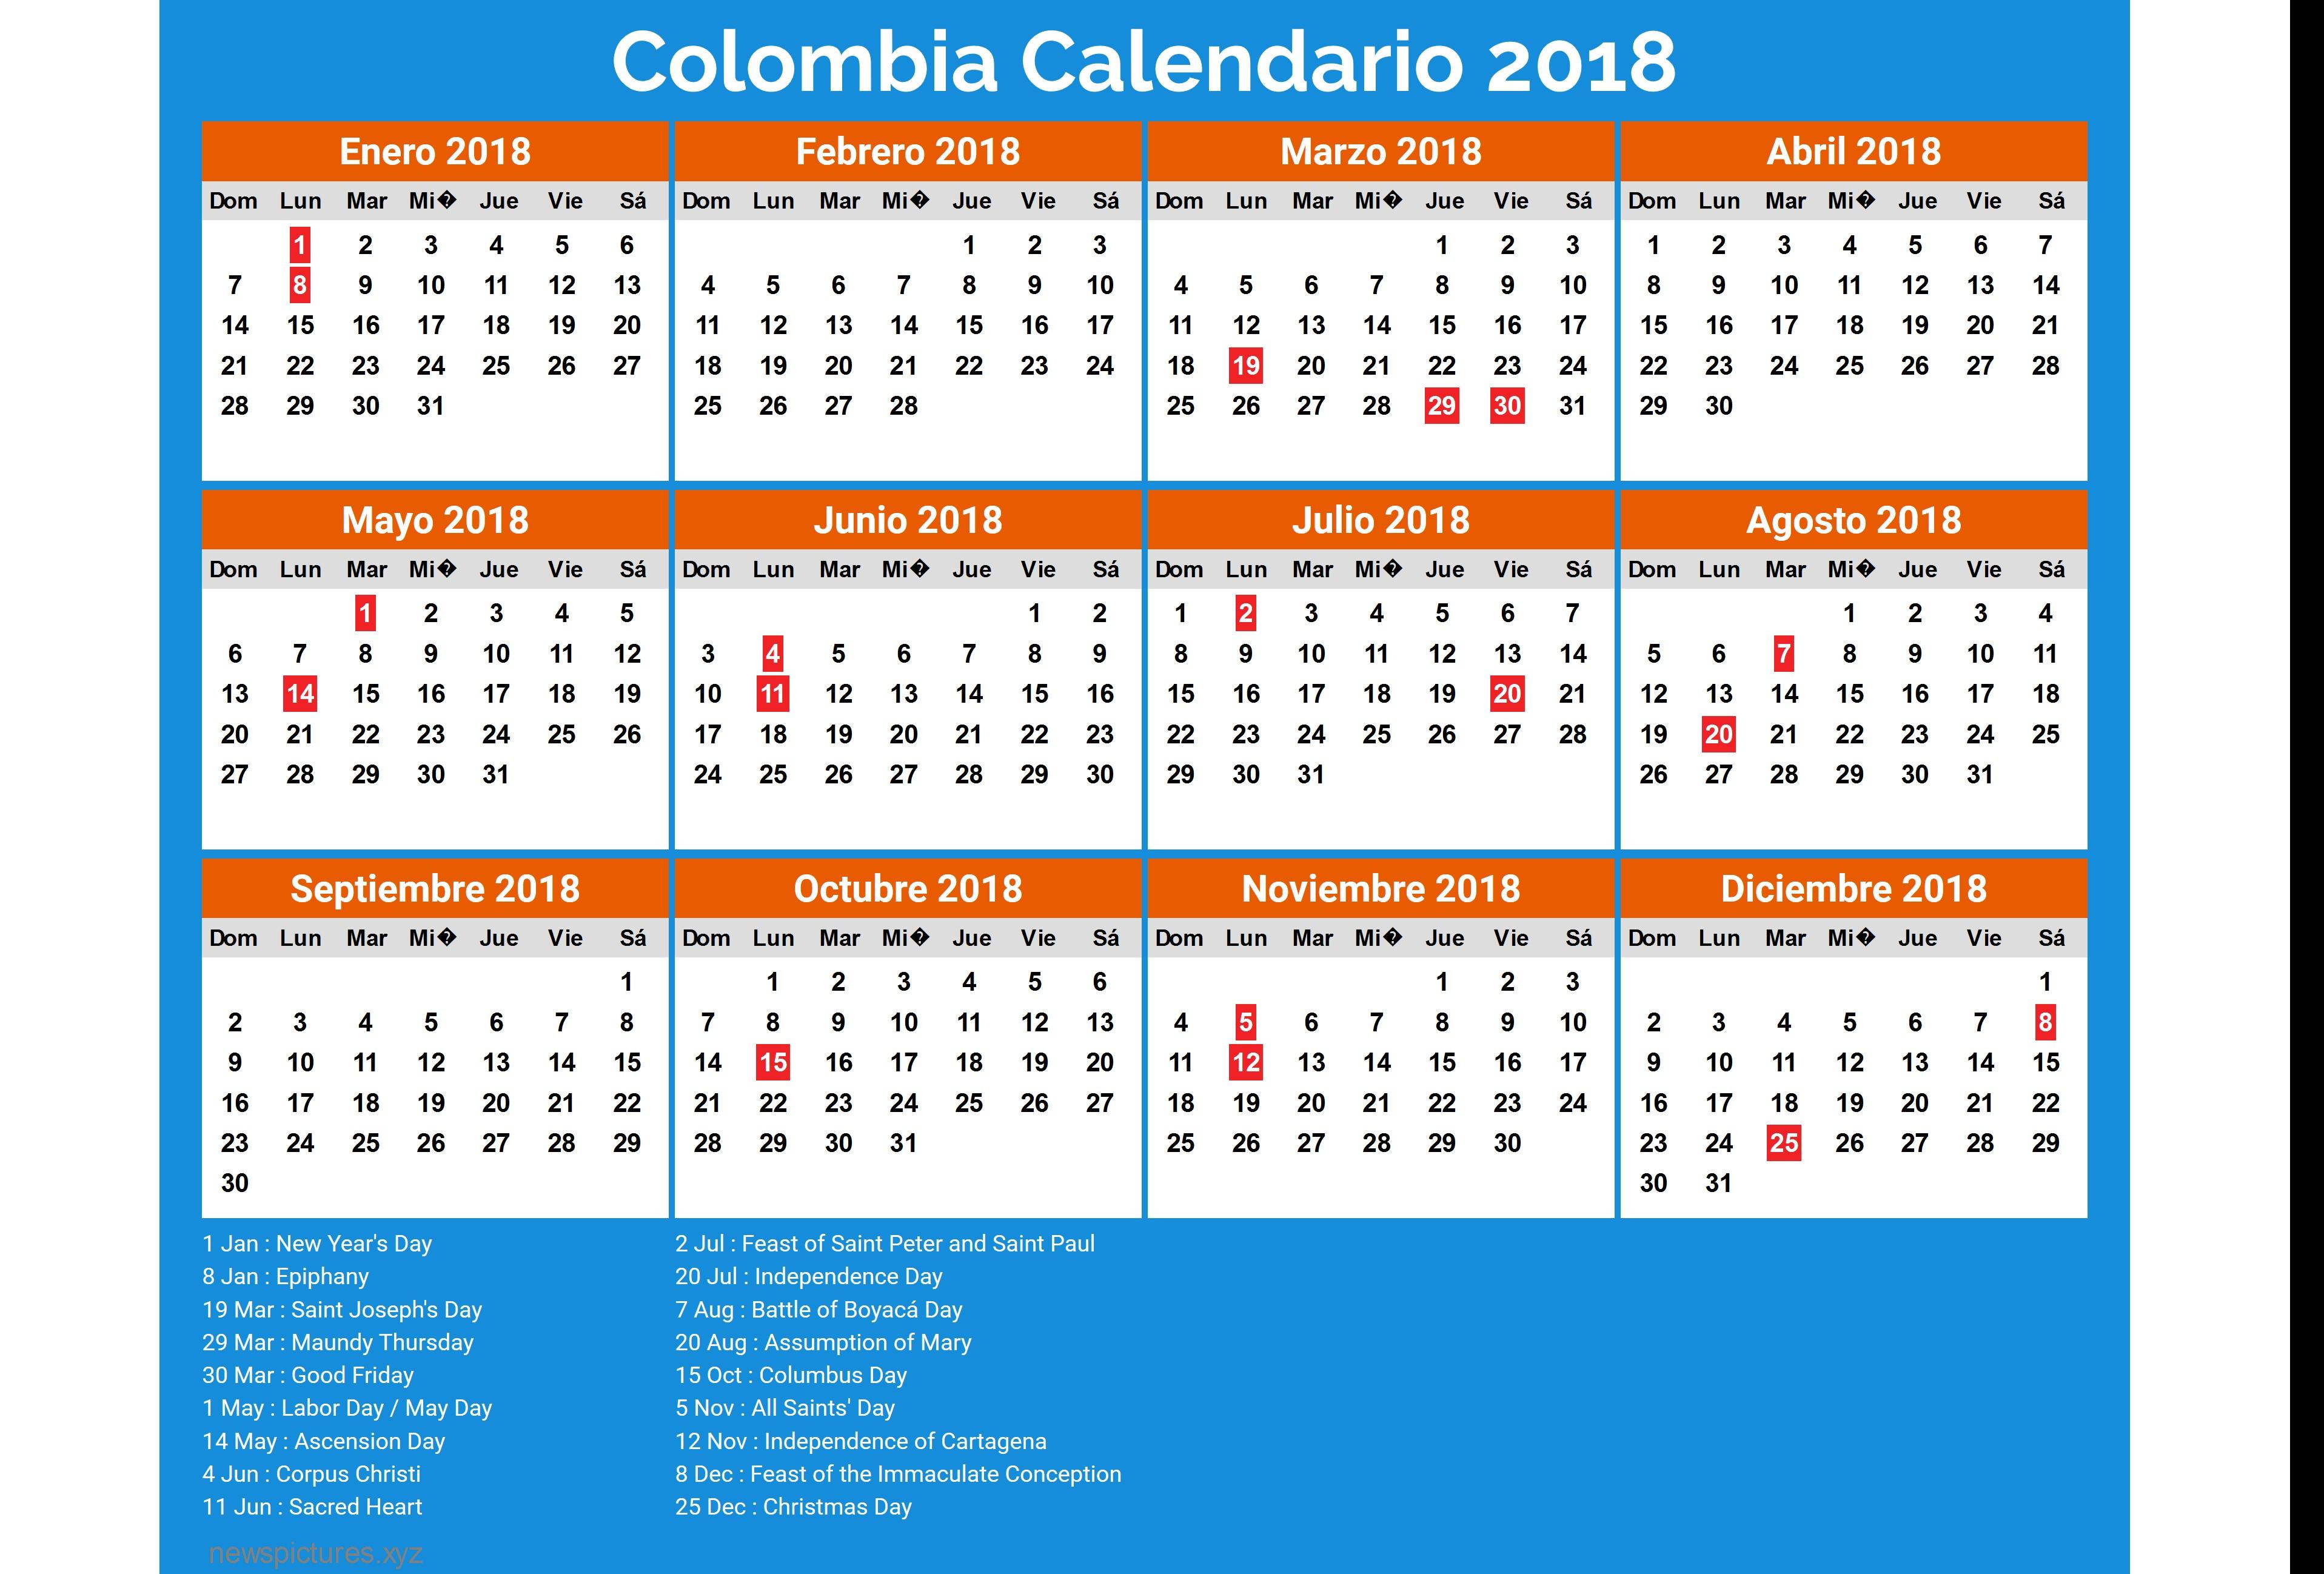 Calendario septiembre 2018 para imprimir – iCalendario